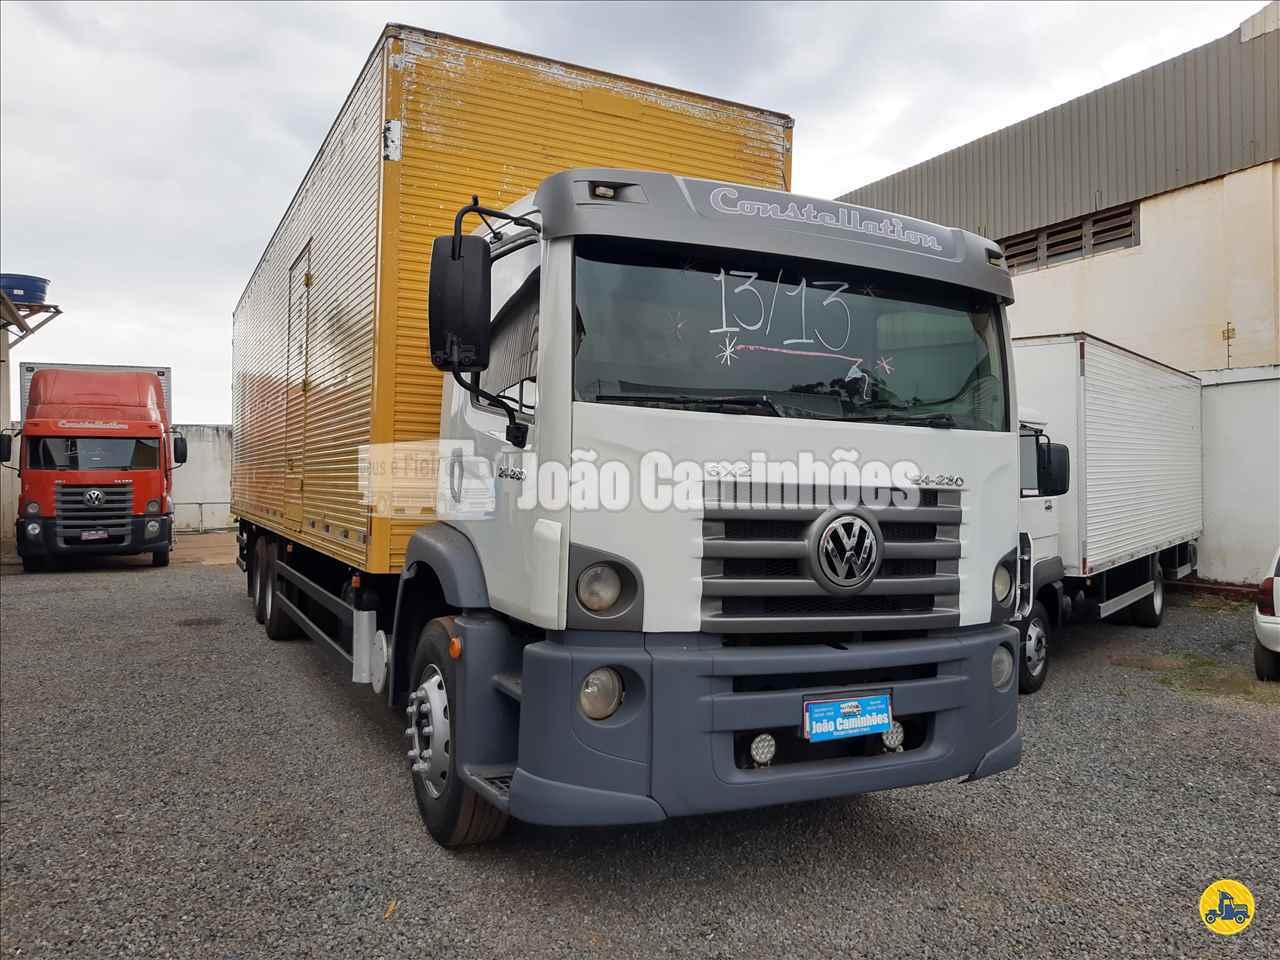 CAMINHAO VOLKSWAGEN VW 24280 Baú Furgão Truck 6x2 João Caminhões BRASILIA DISTRITO FEDERAL DF